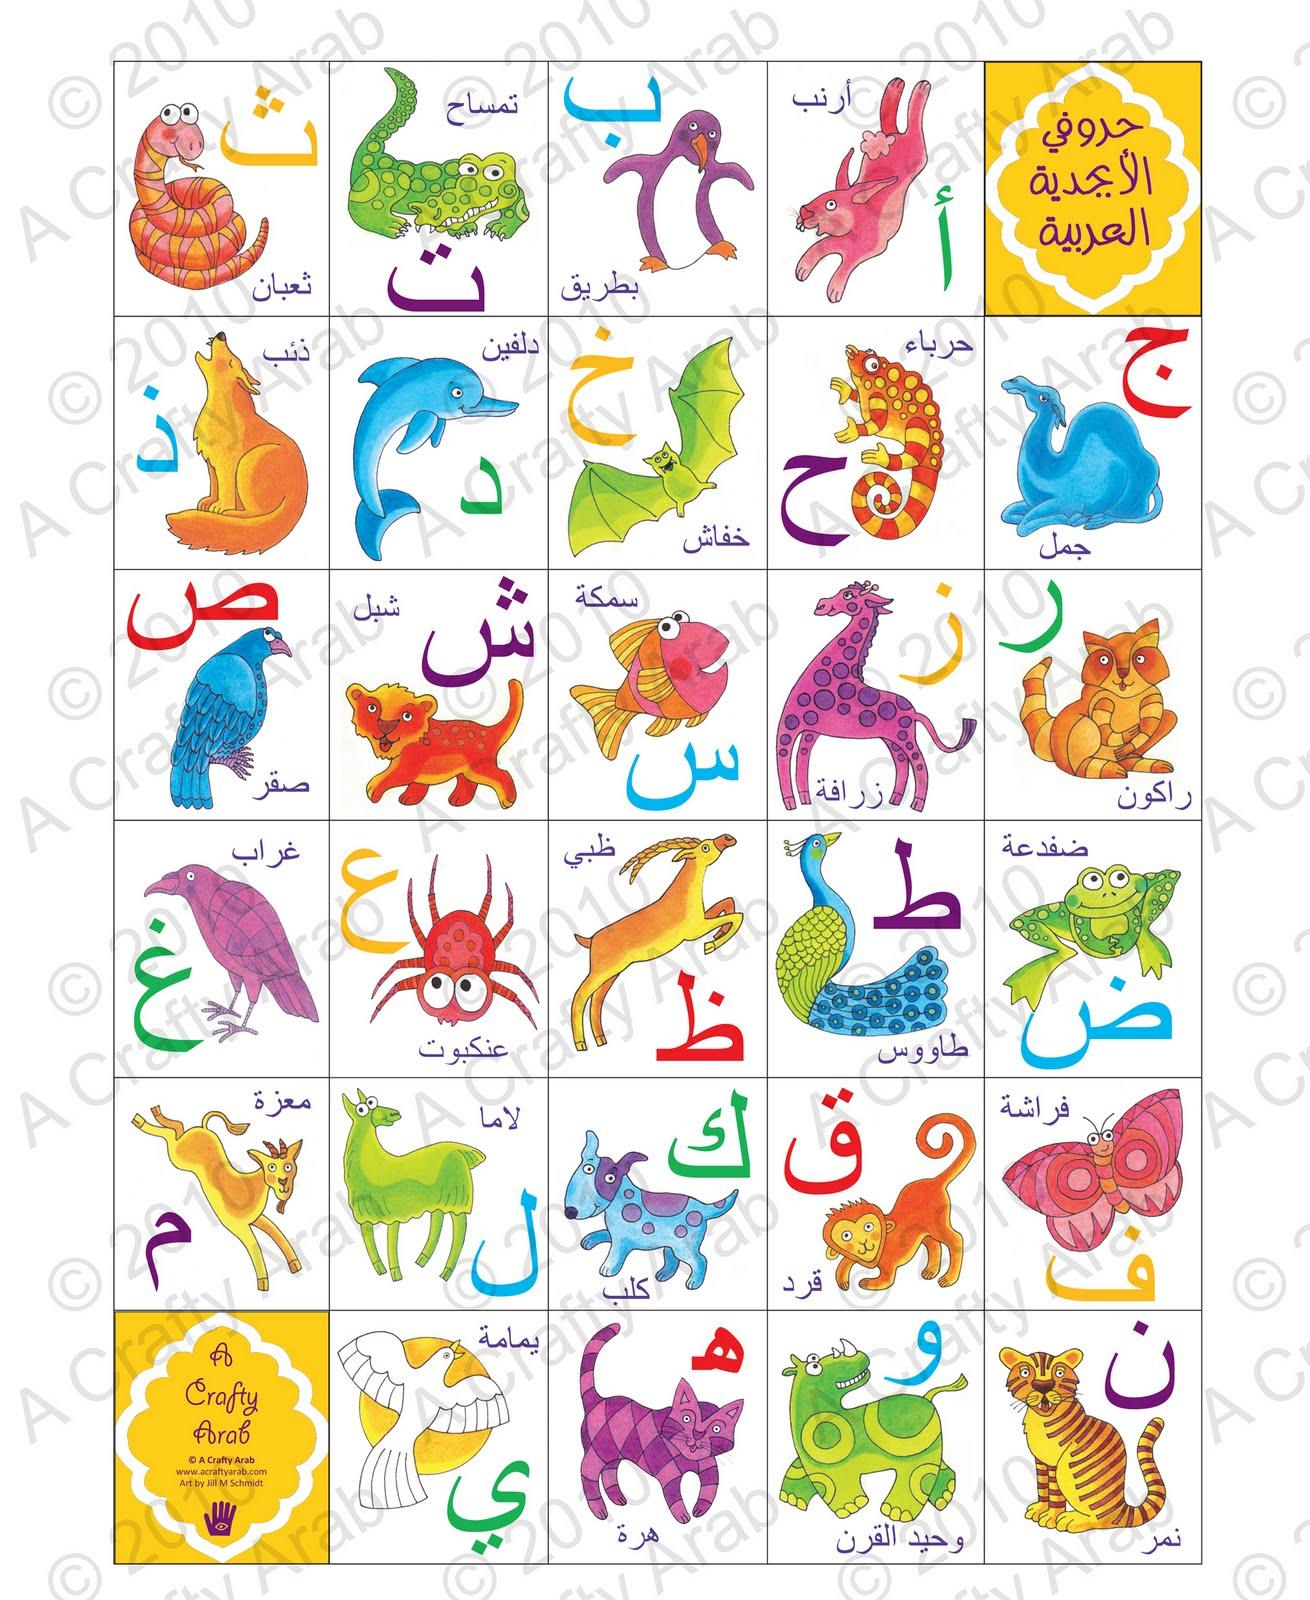 A Crafty Arab November